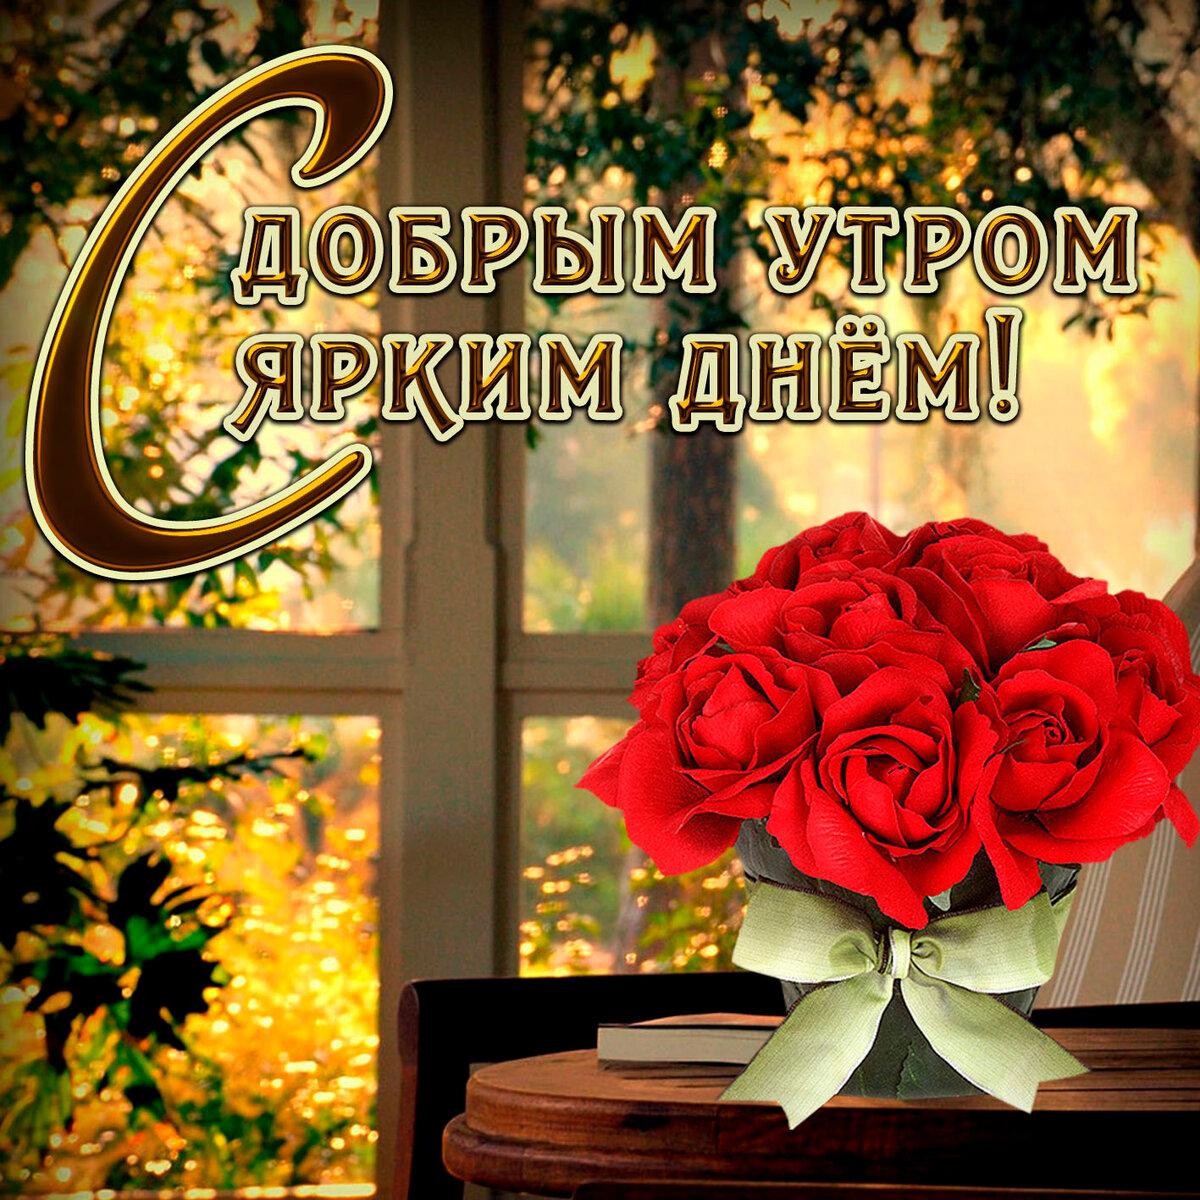 Картинки с надписью добрый день дорогая, марта